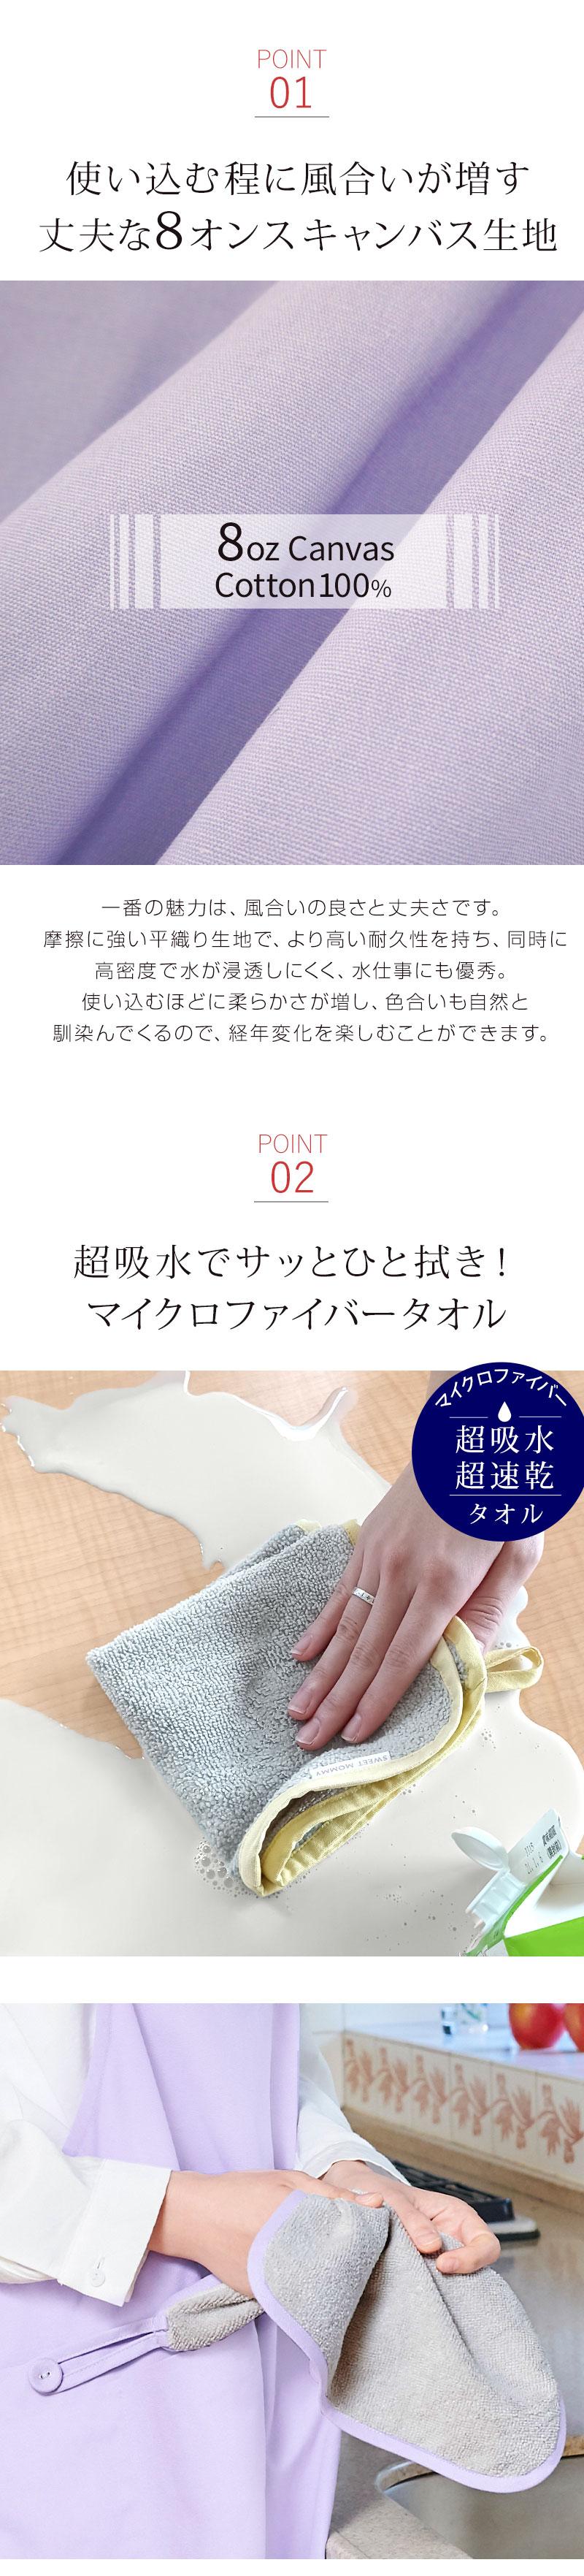 丈夫なエプロン コットン100% キャンバス素材 タオル付